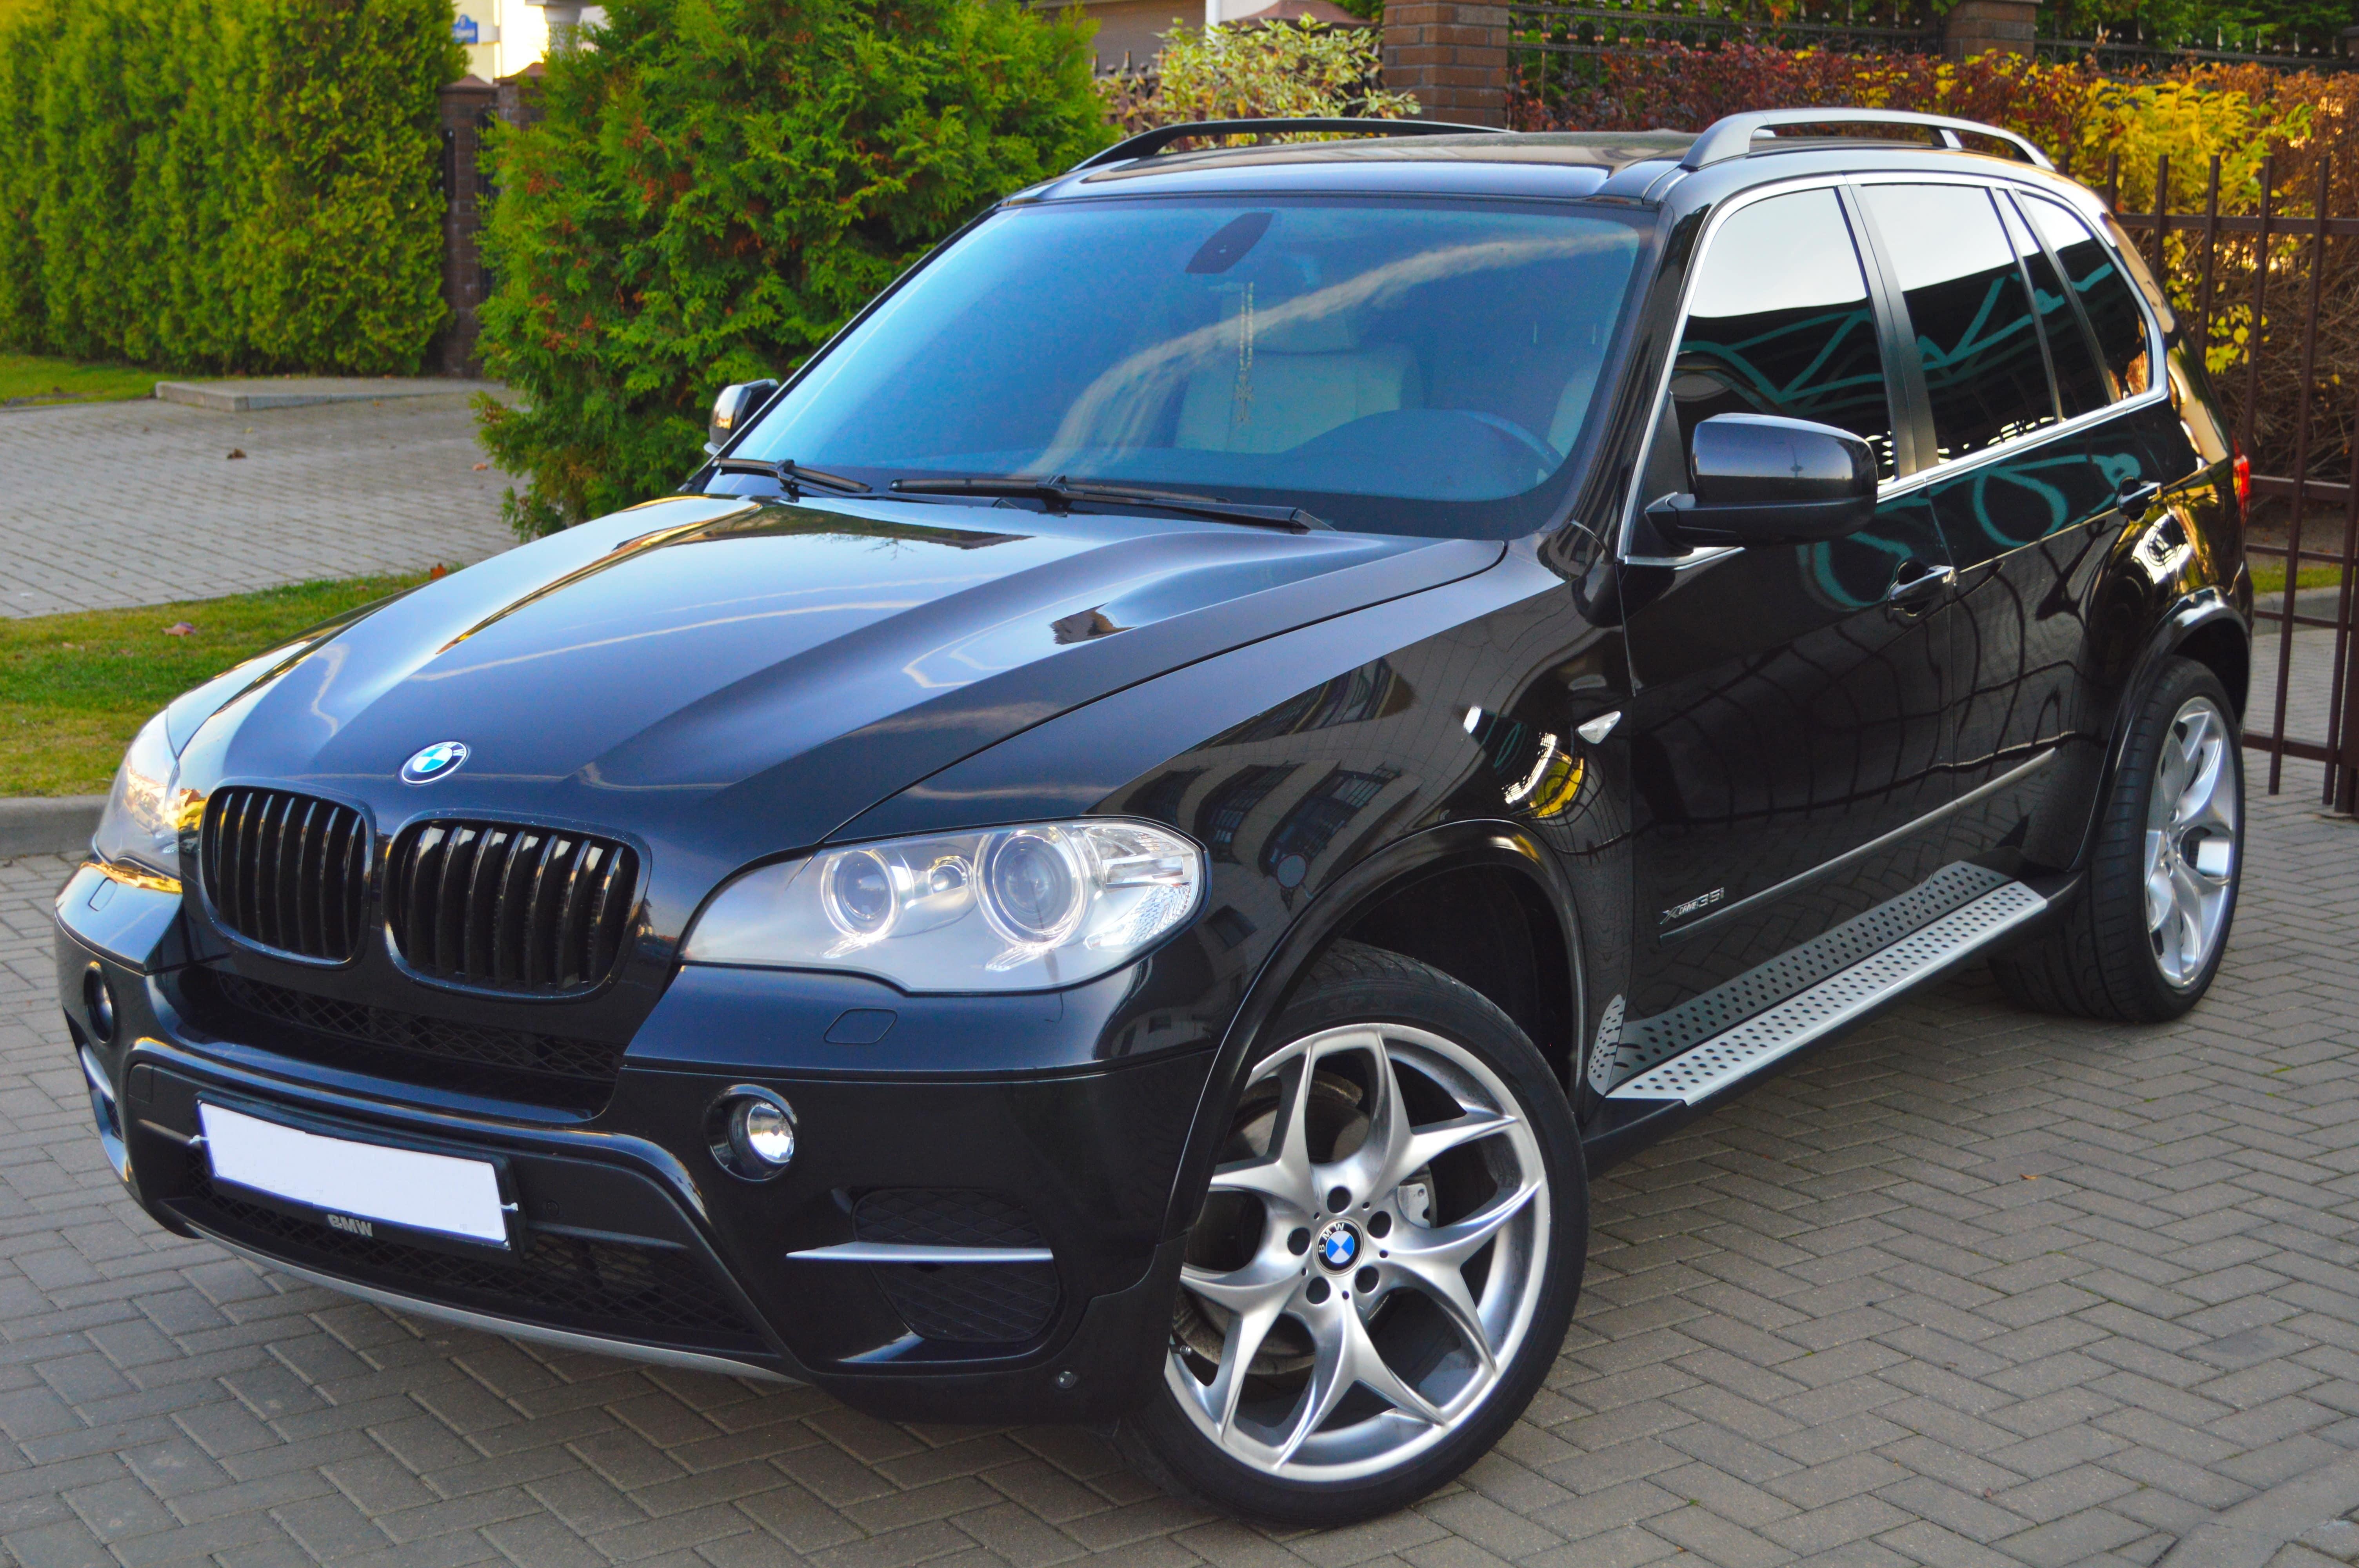 BMW X5 006-min